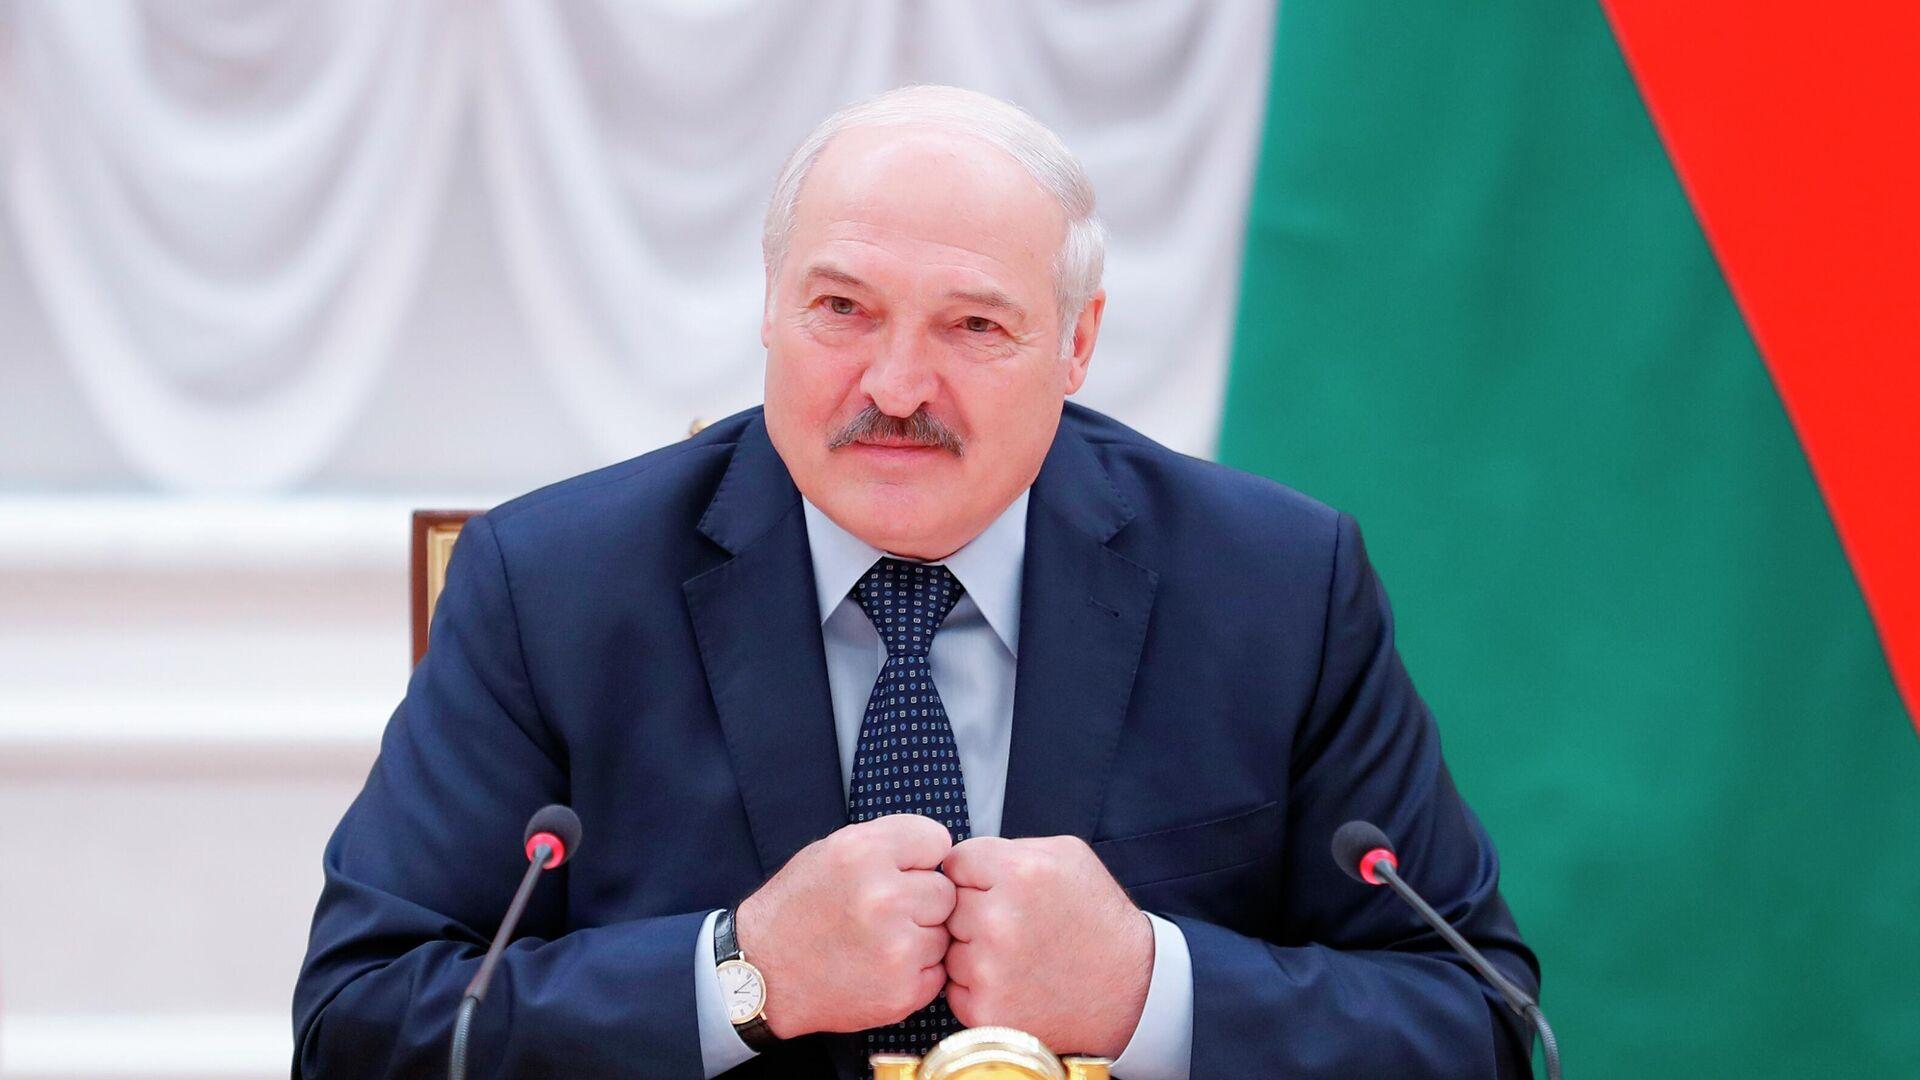 Президент Белоруссии Александр Лукашенко принимает участие в заседании Совета глав правительств СНГ - РИА Новости, 1920, 02.07.2021